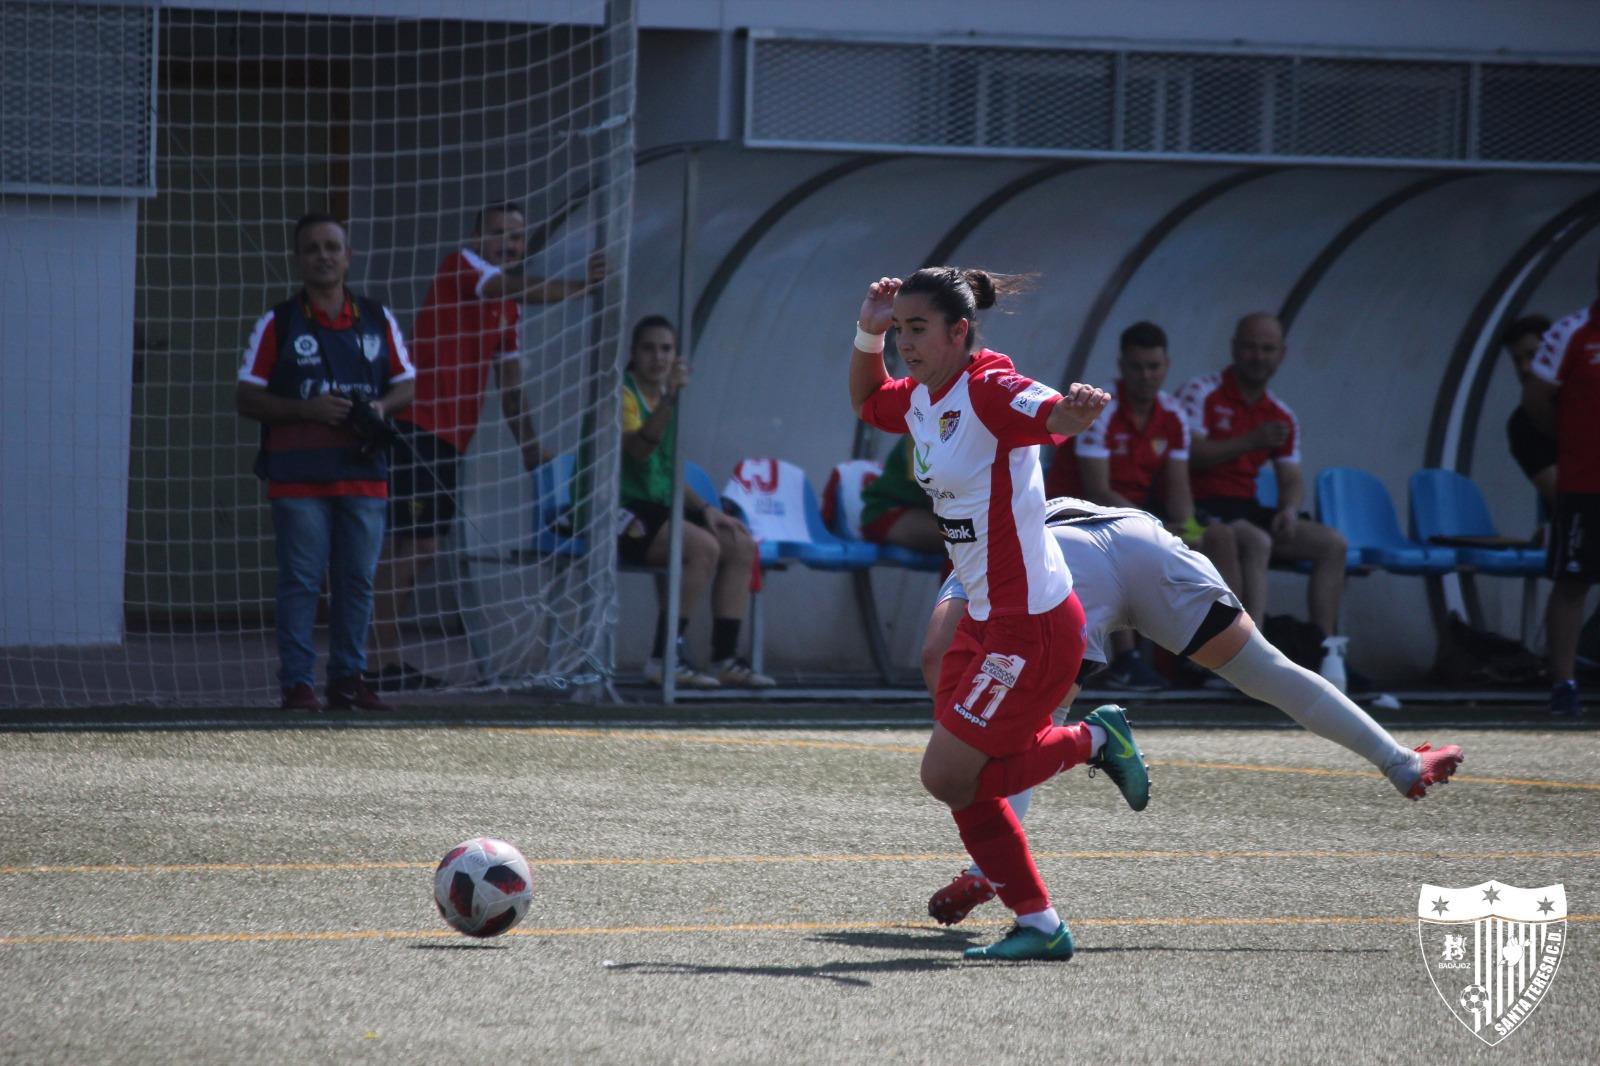 El Liberbank Santa Teresa Badajoz busca la victoria en Montijo antes del parón